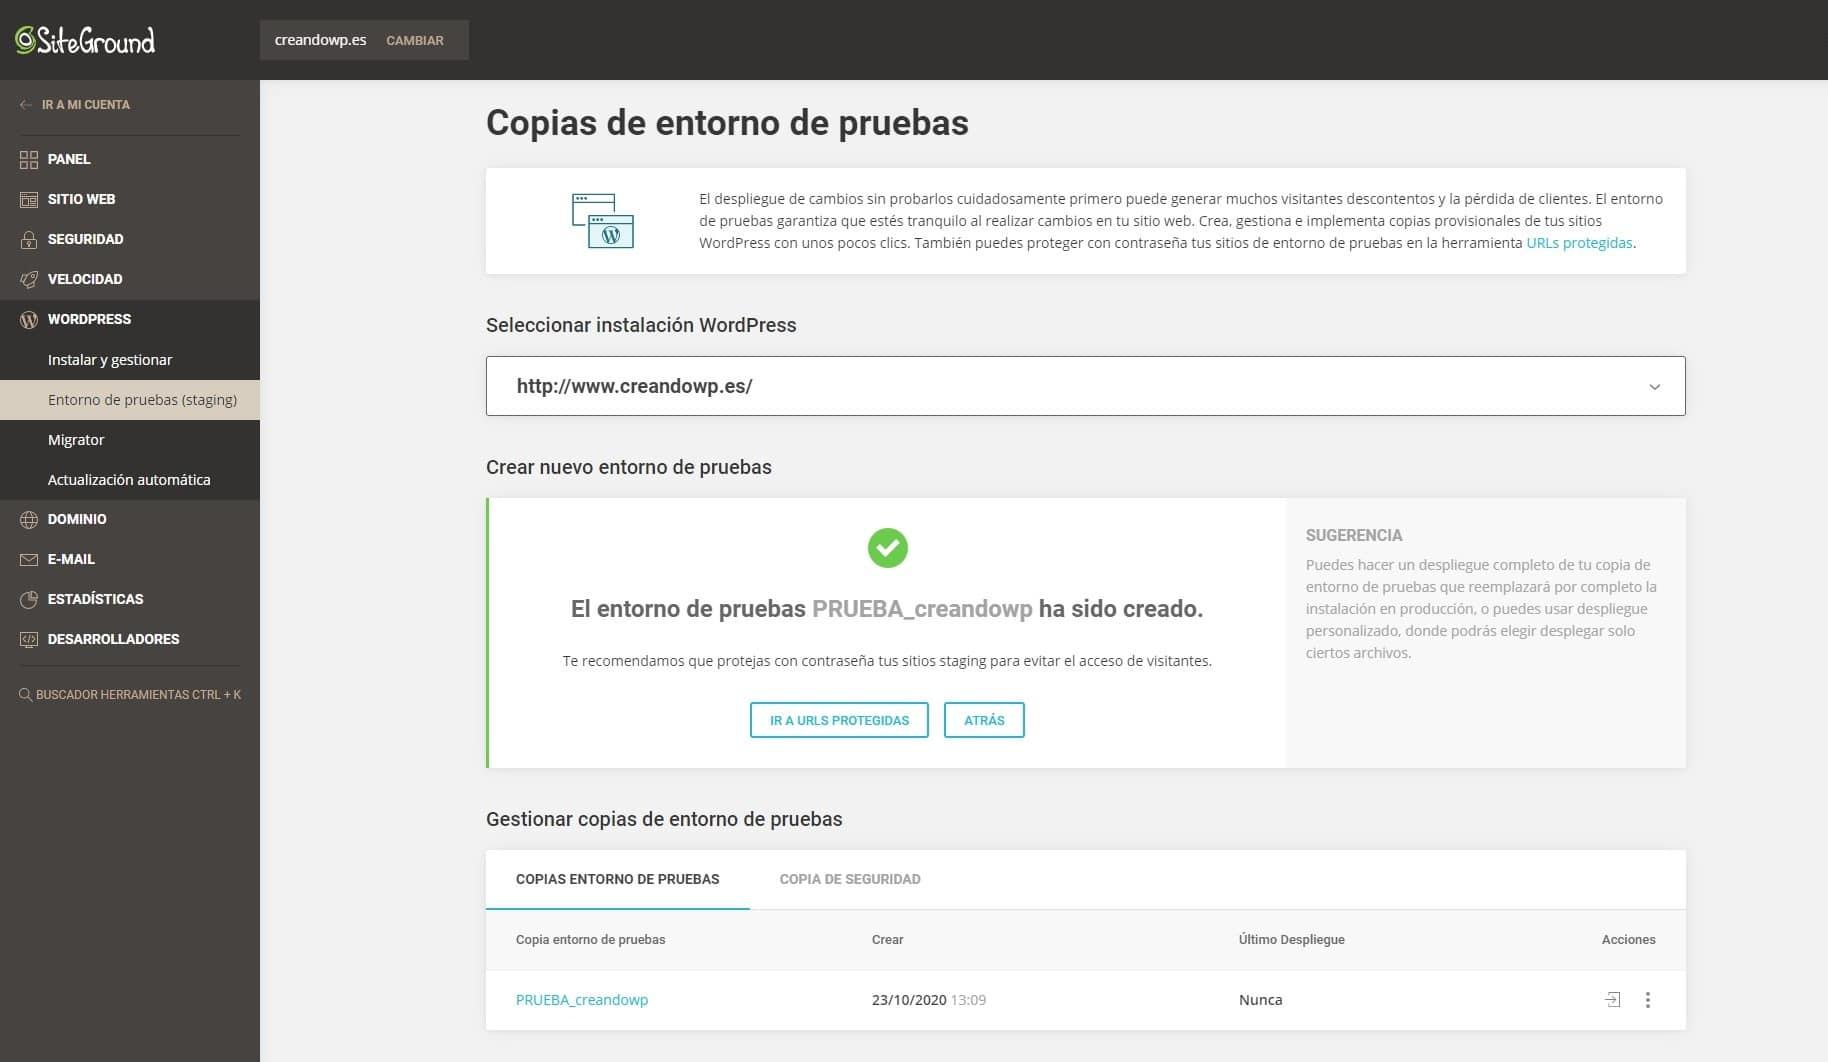 Siteground entorno de pruebas mensaje de confirmacion